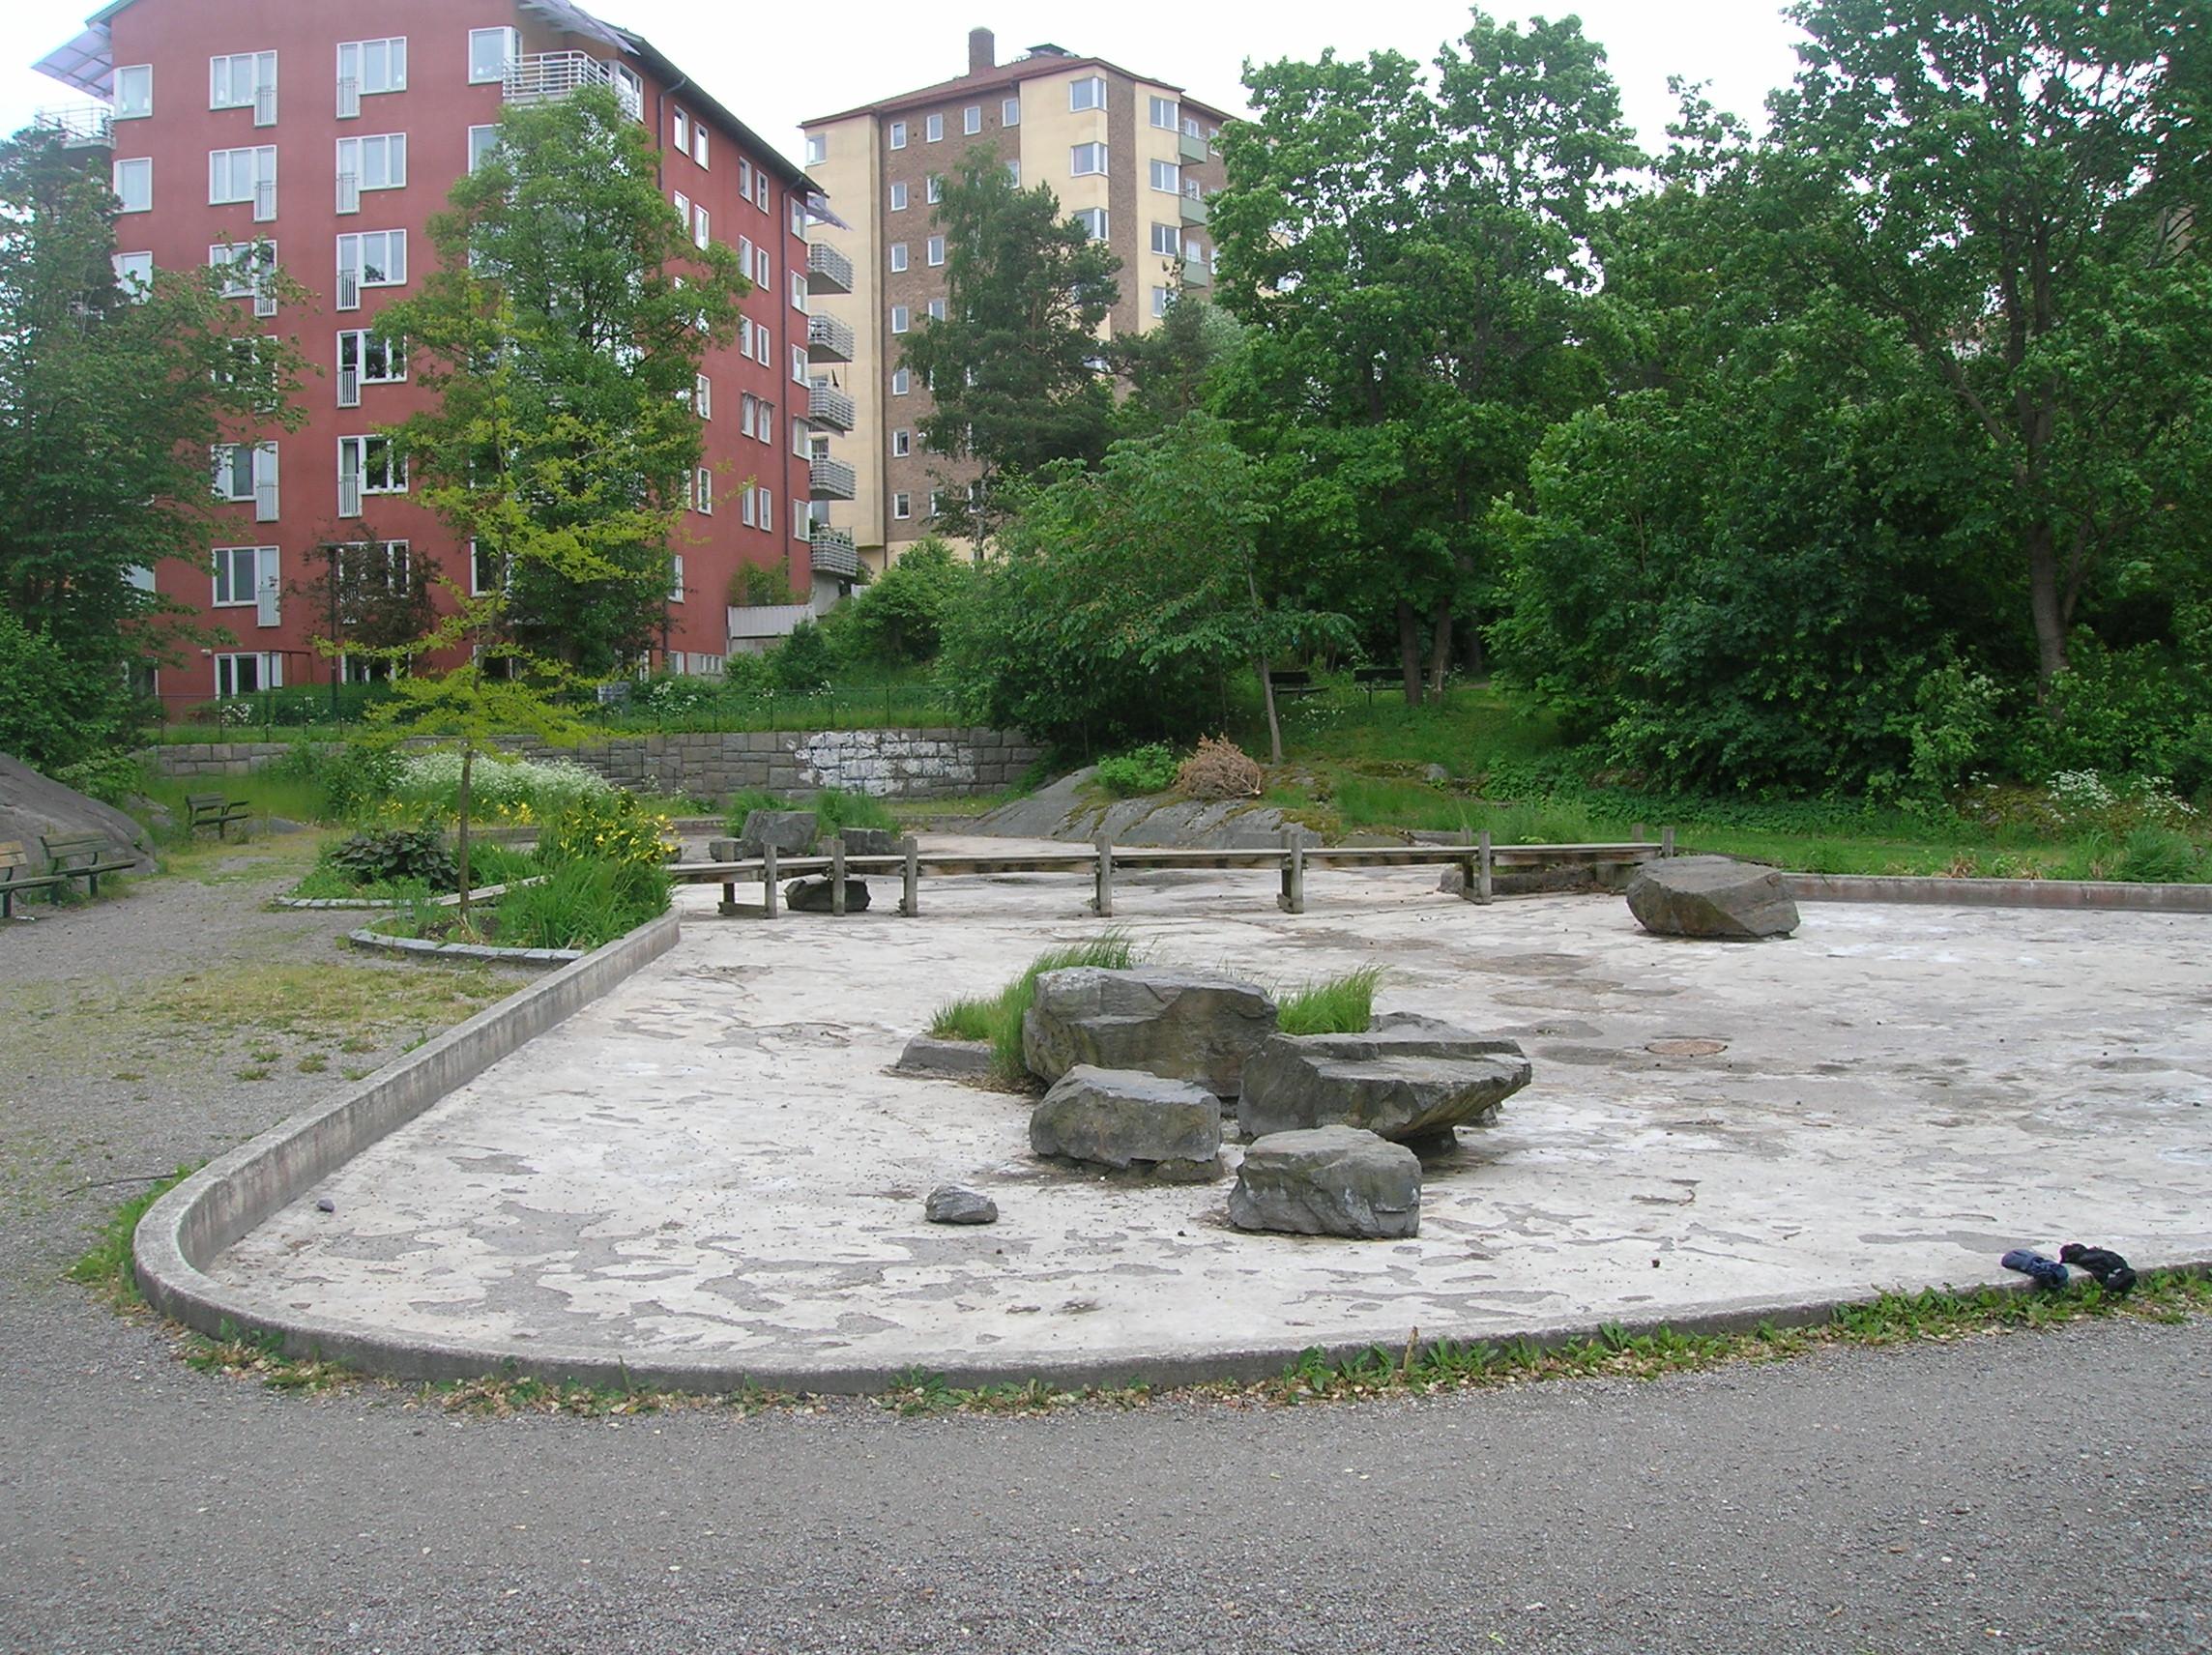 grynkvarnsparken karta File:Damm i Grynkvarnsparken Johanneshov Stockholm.   Wikimedia  grynkvarnsparken karta